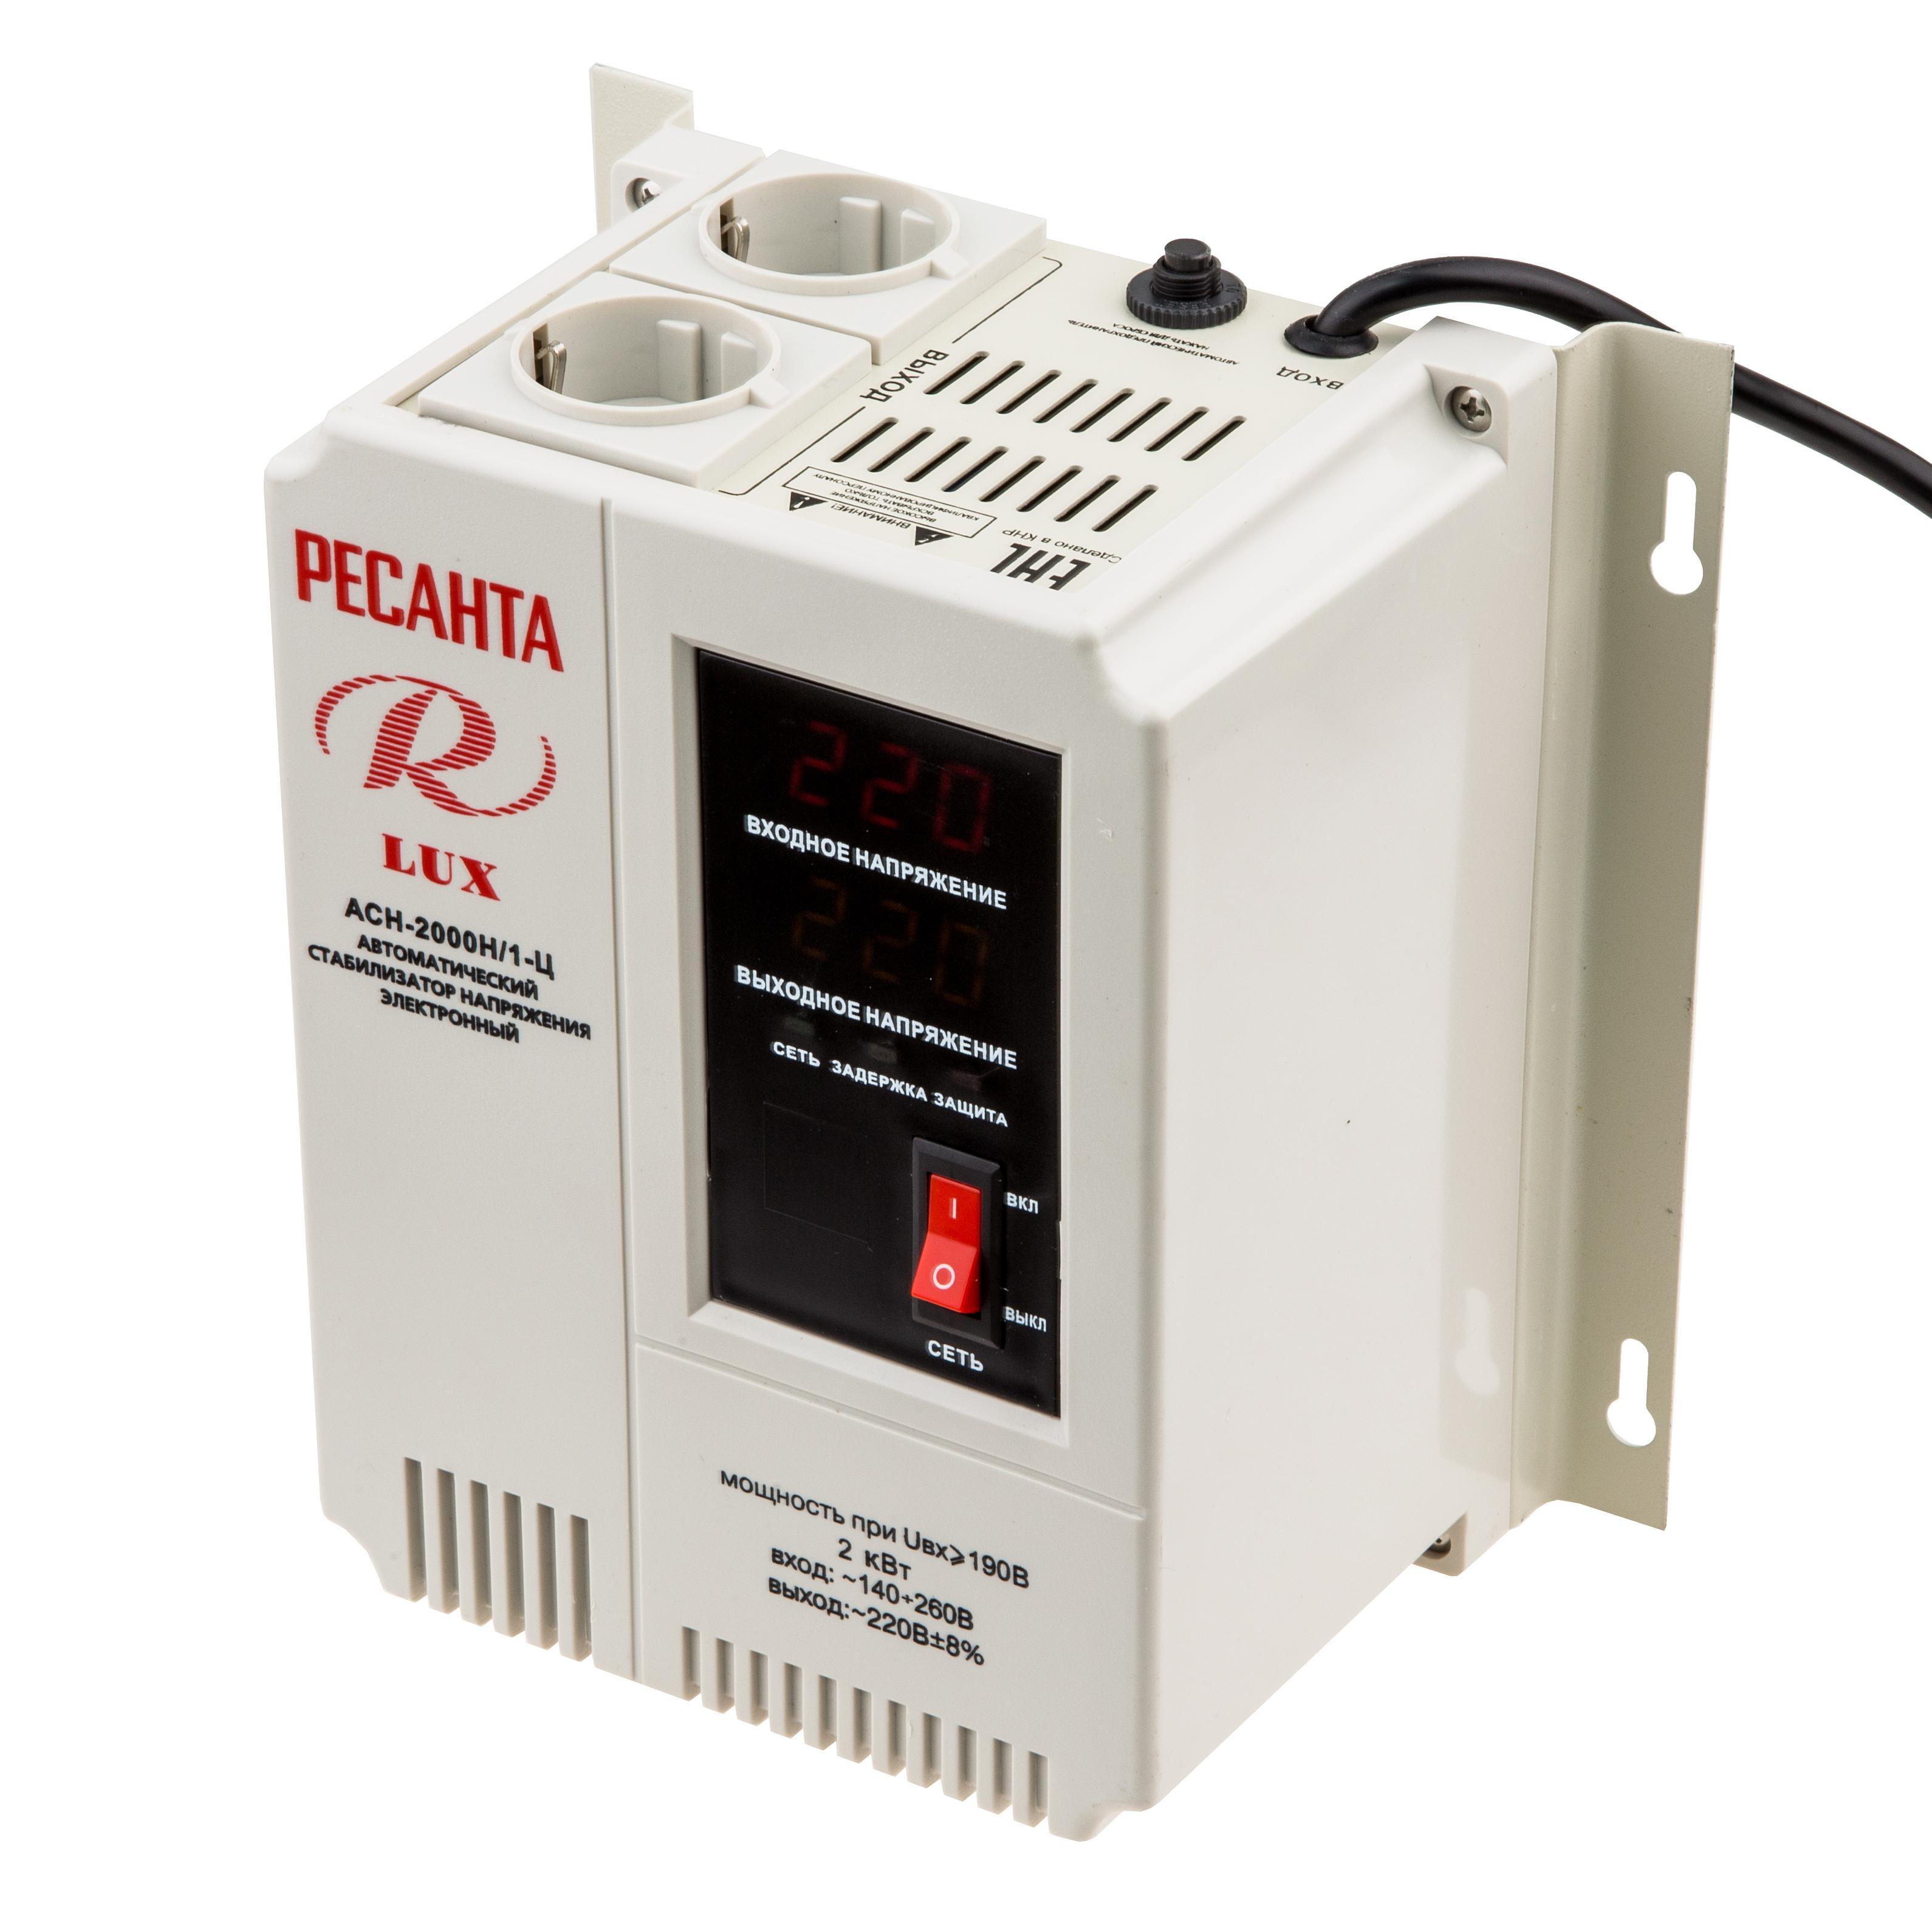 Стабилизатор напряжения РЕСАНТА АСН-2000 Н/1-Ц стабилизатор напряжения ресанта асн 2000 1 ц